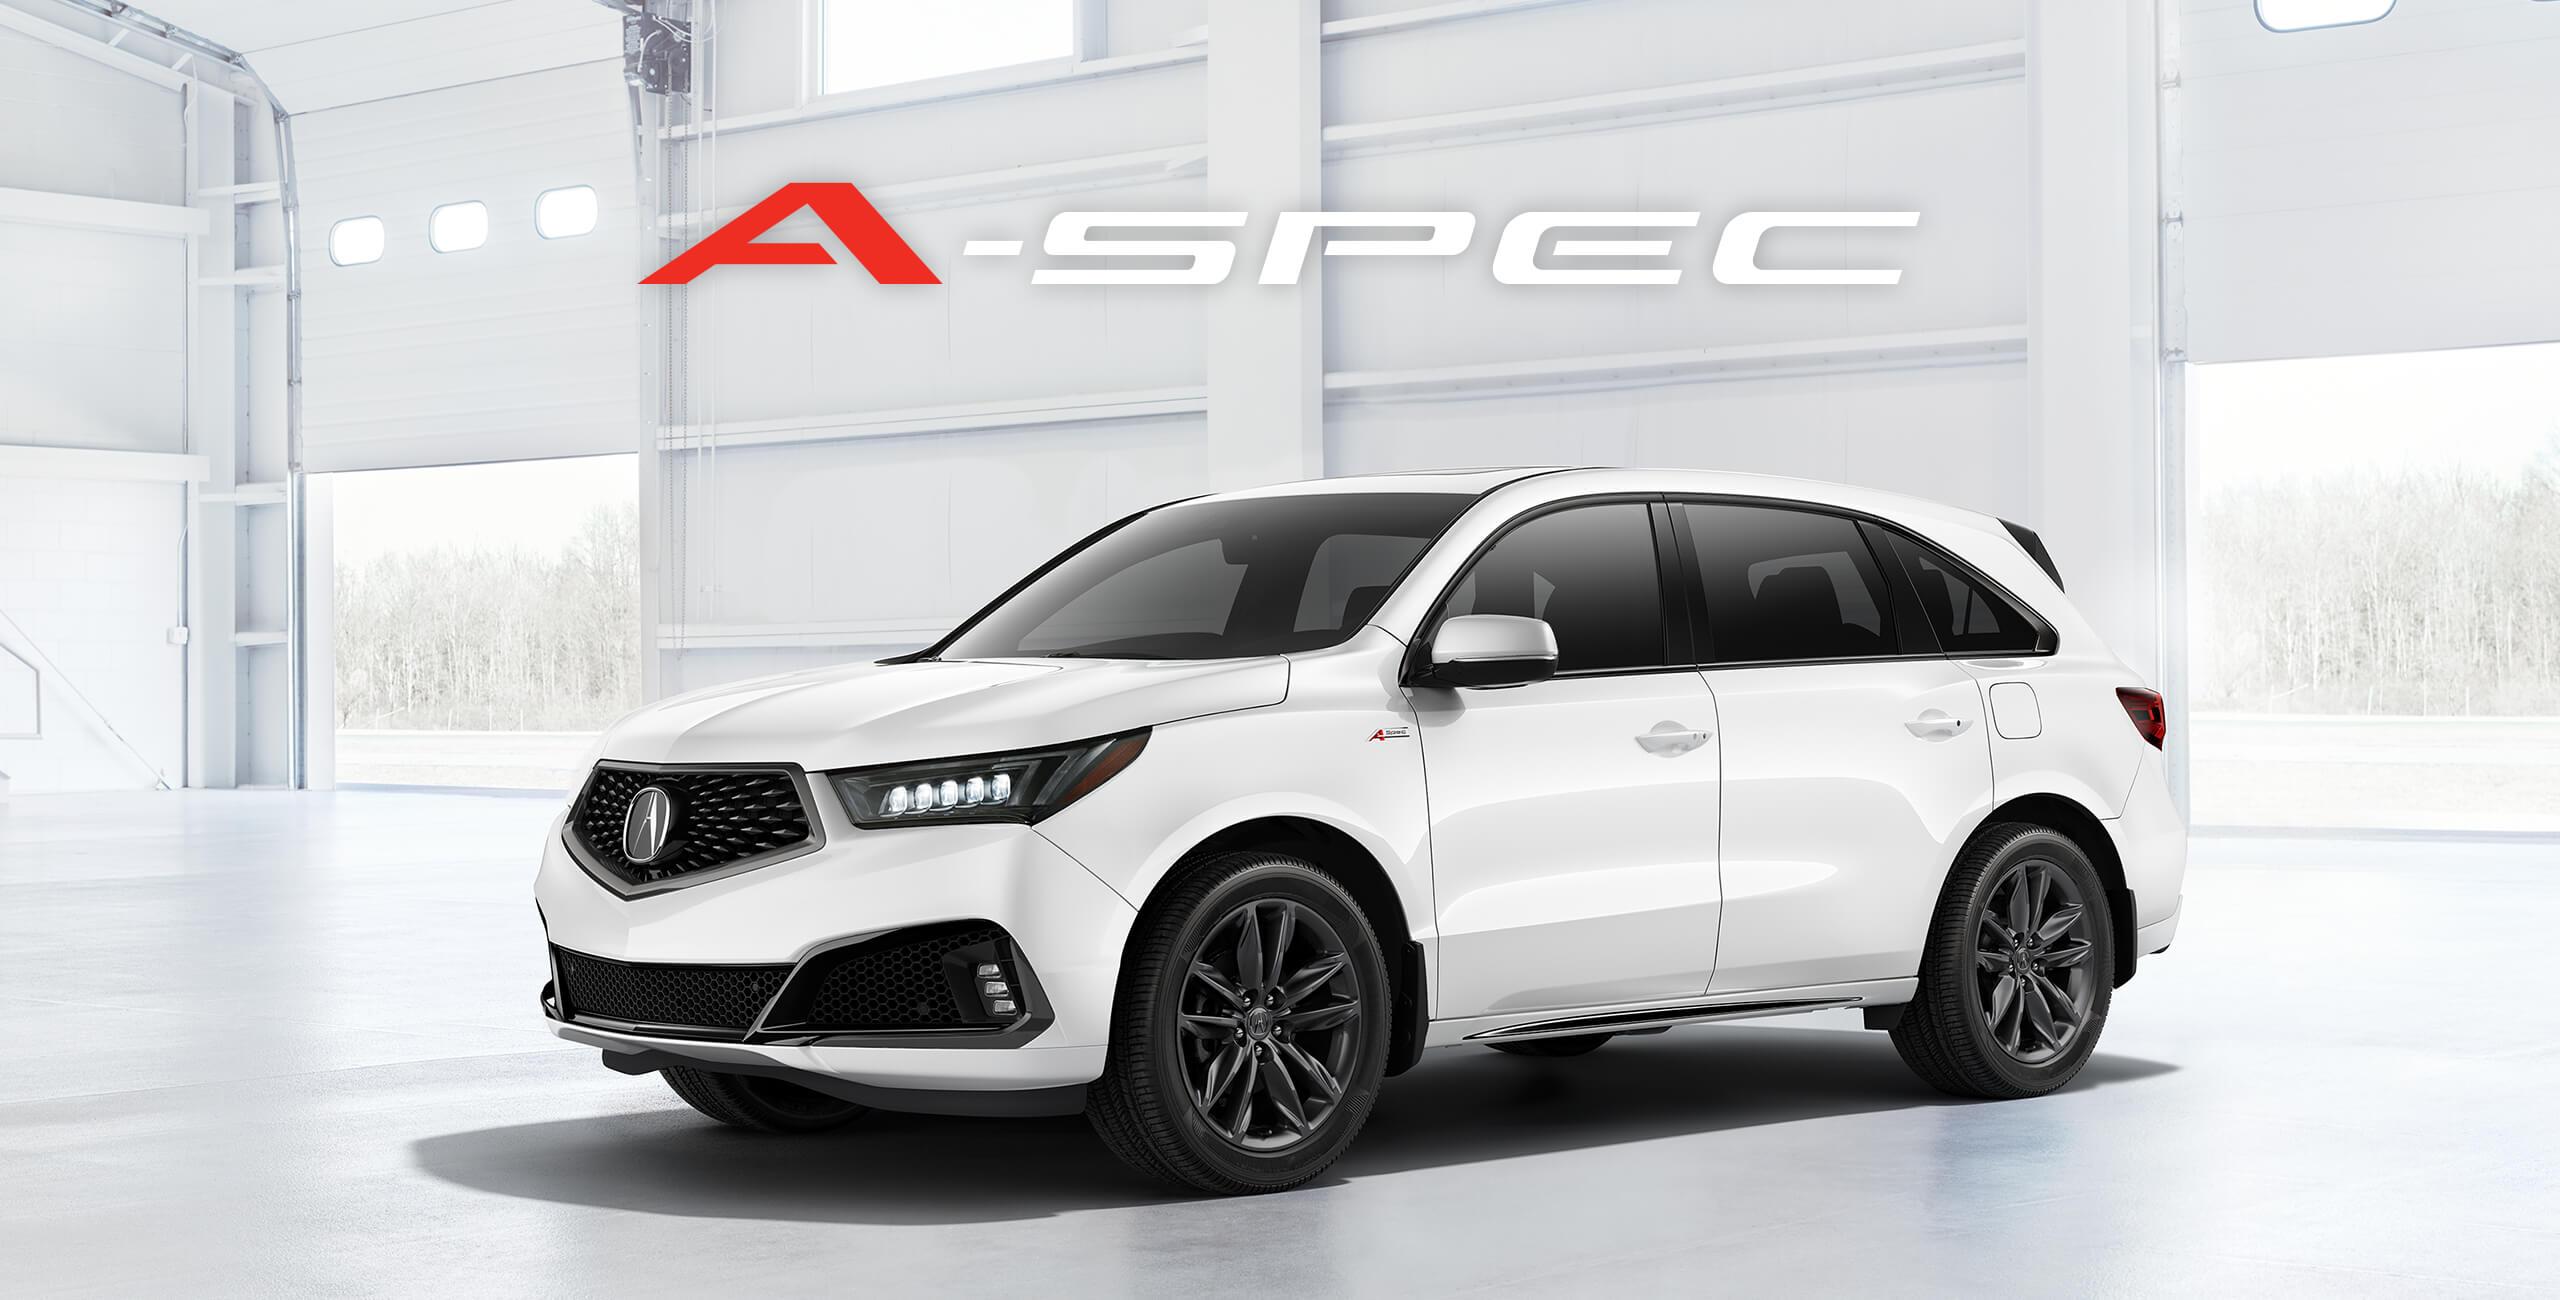 2019 Mdx Acura Canada